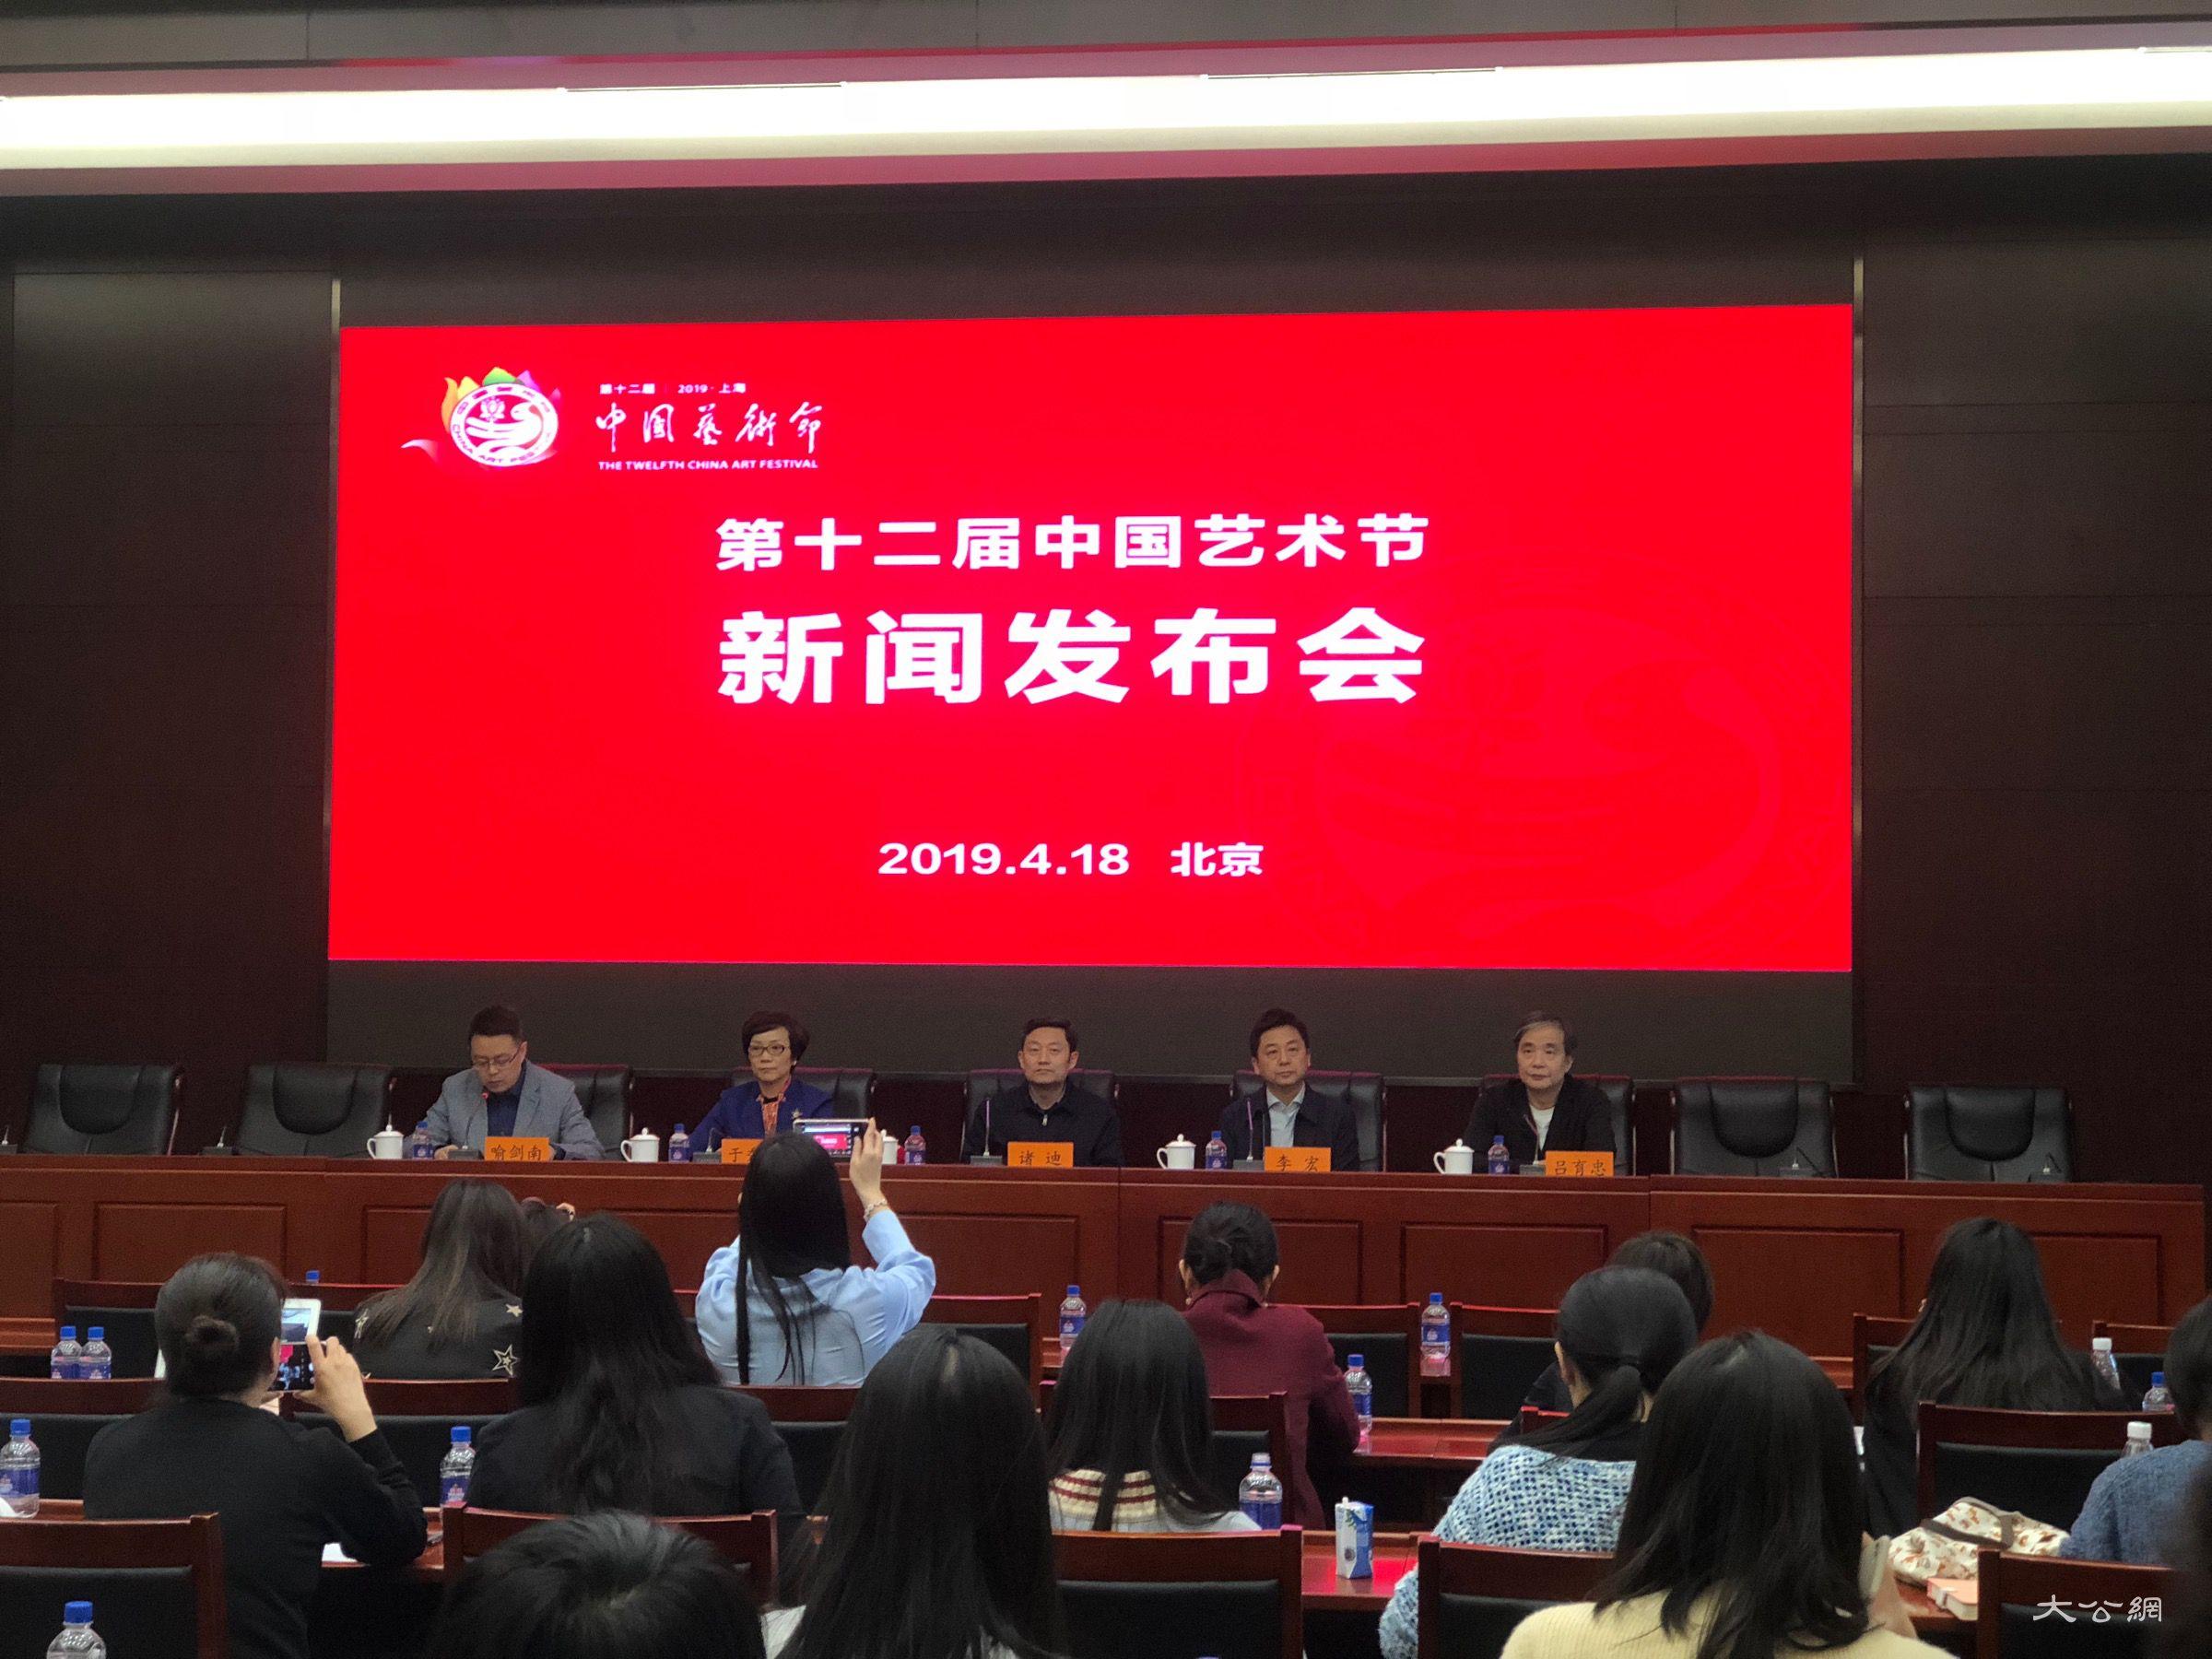 第十二届中国艺术节将于5月在上海开幕